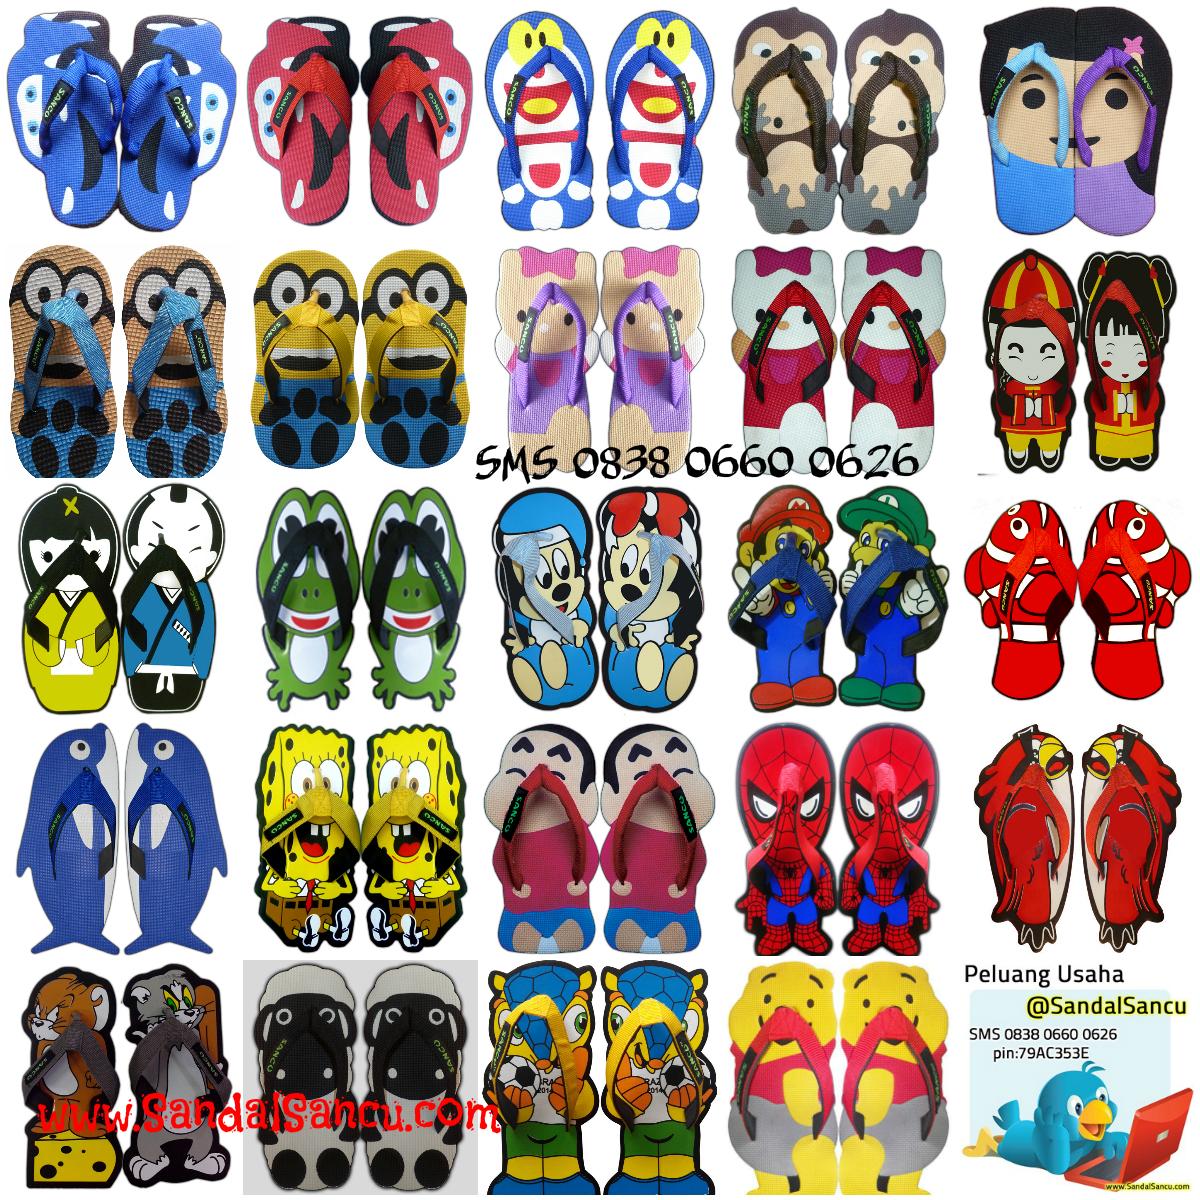 Gambar Model Sandal Lucu Jual Sandal SANCU Murah WA 0812 9499 1685